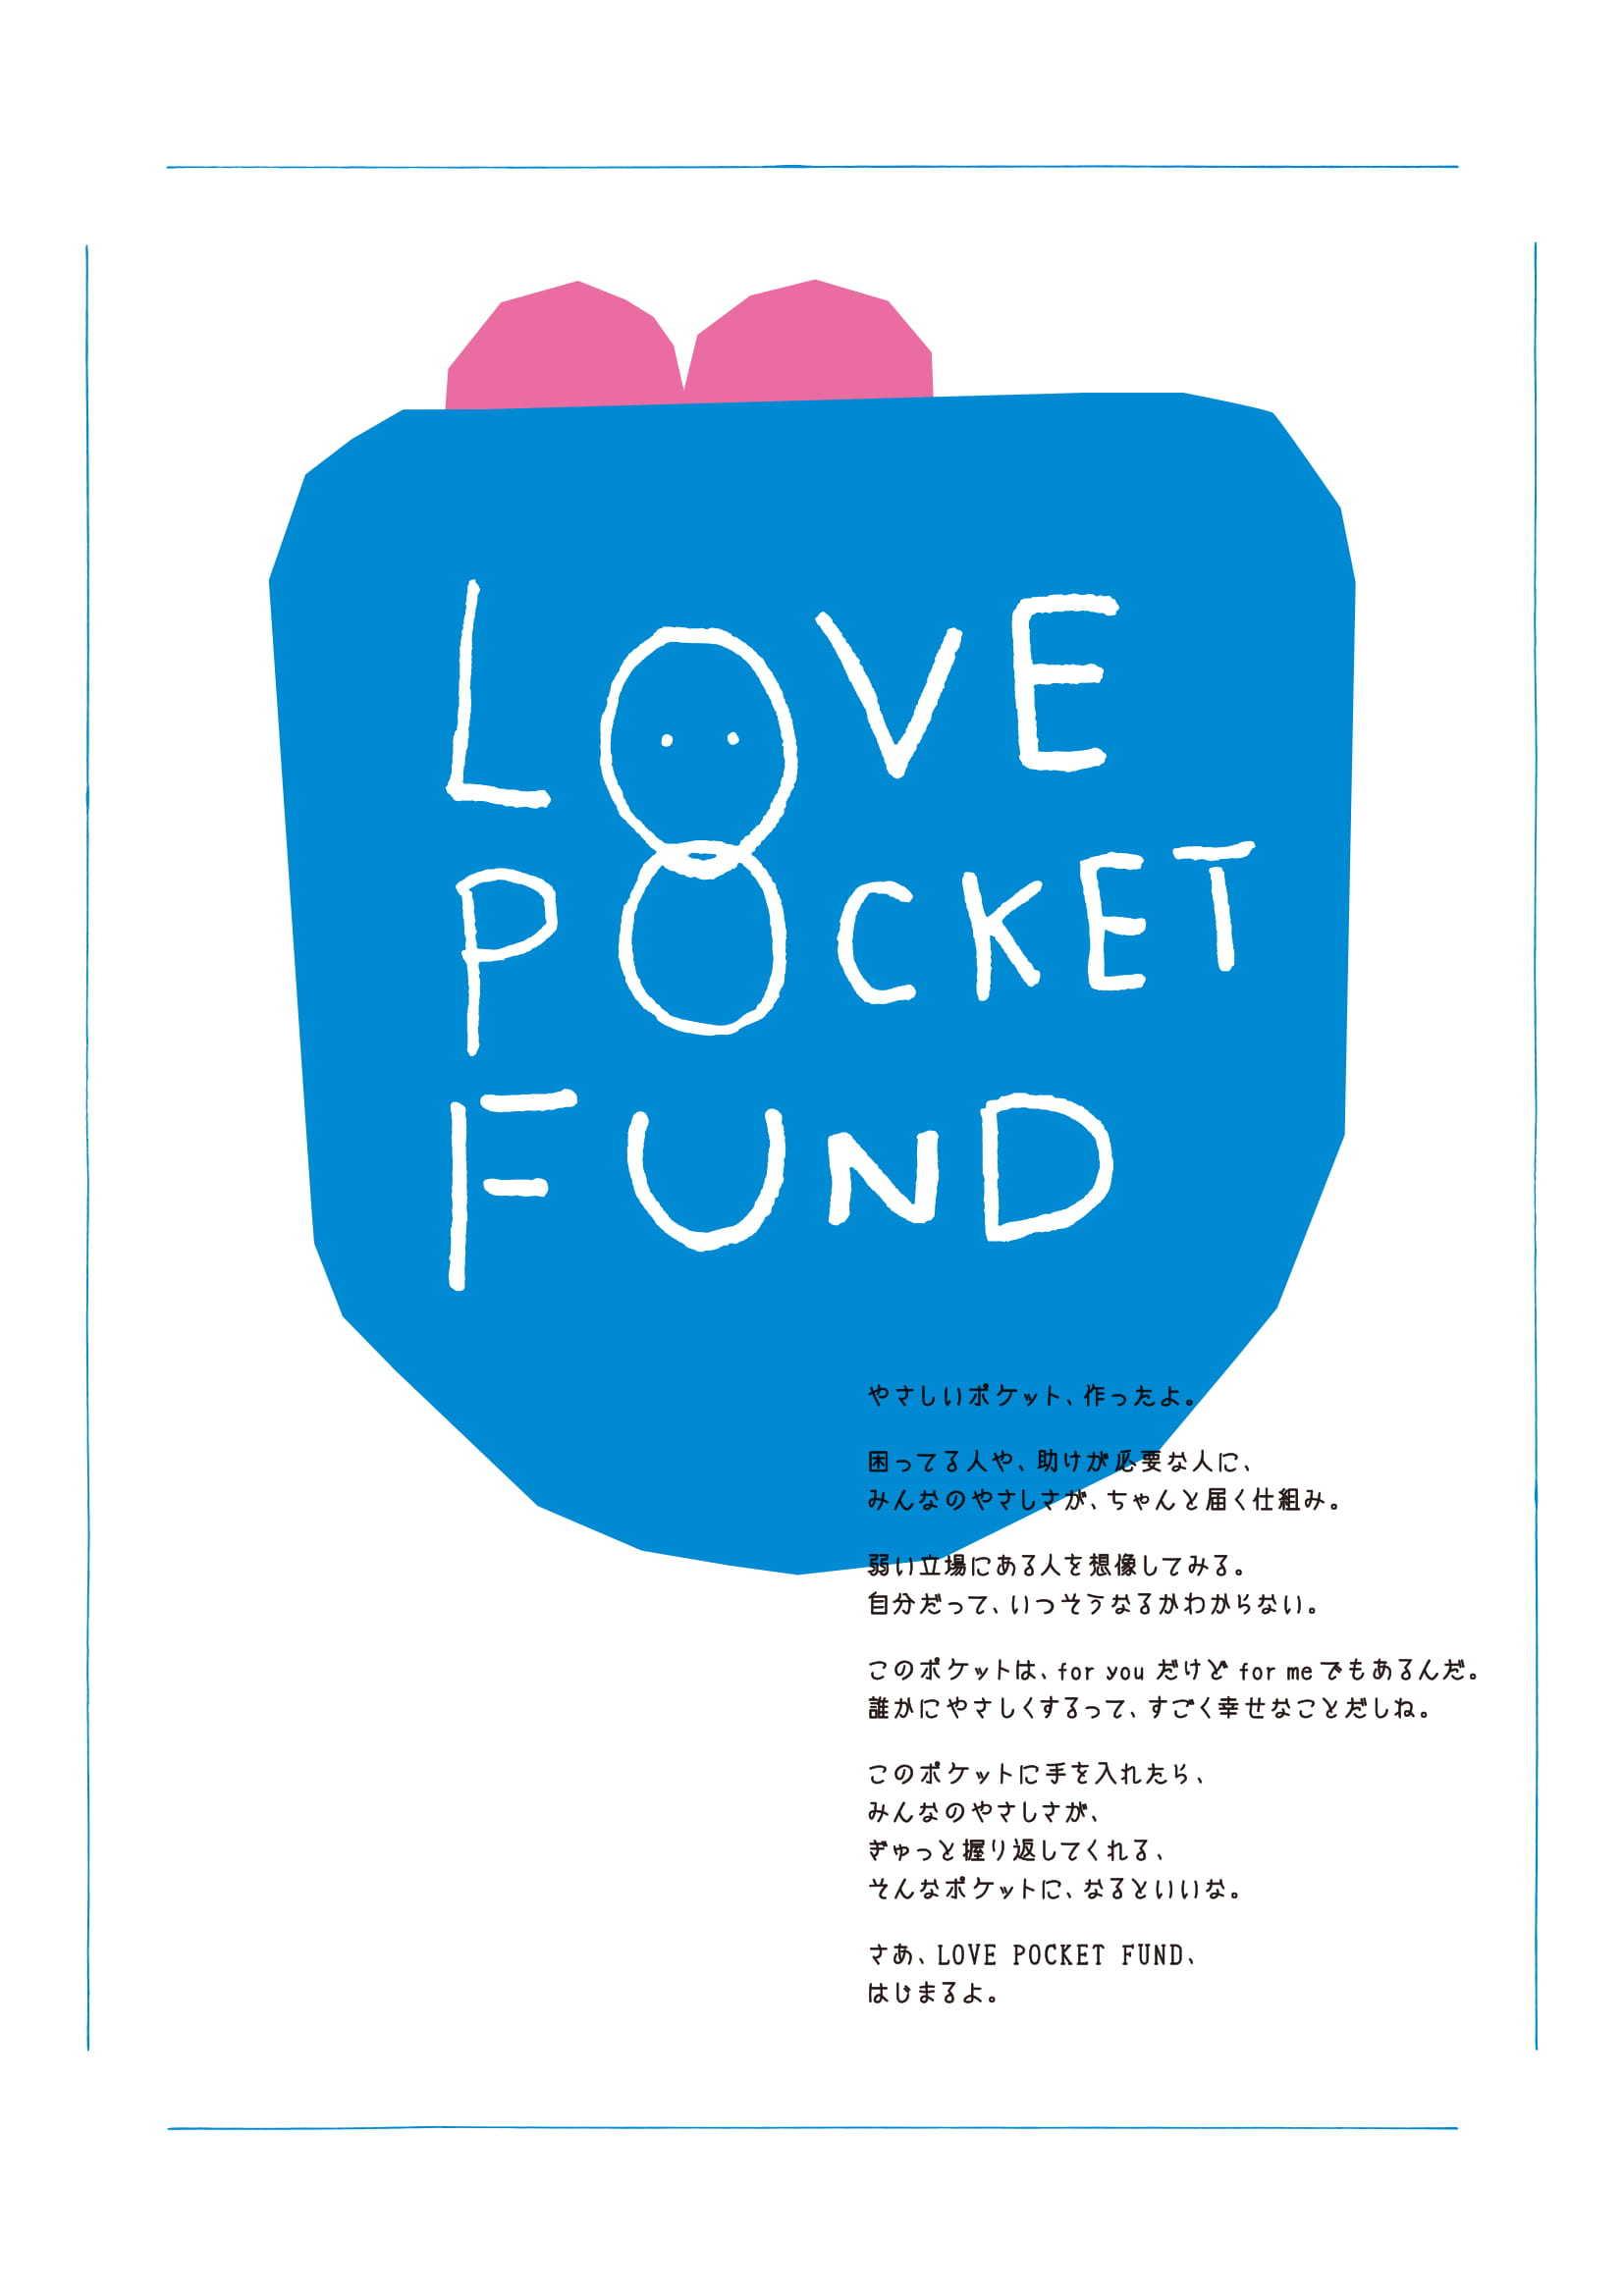 LOVE POCKET FUND